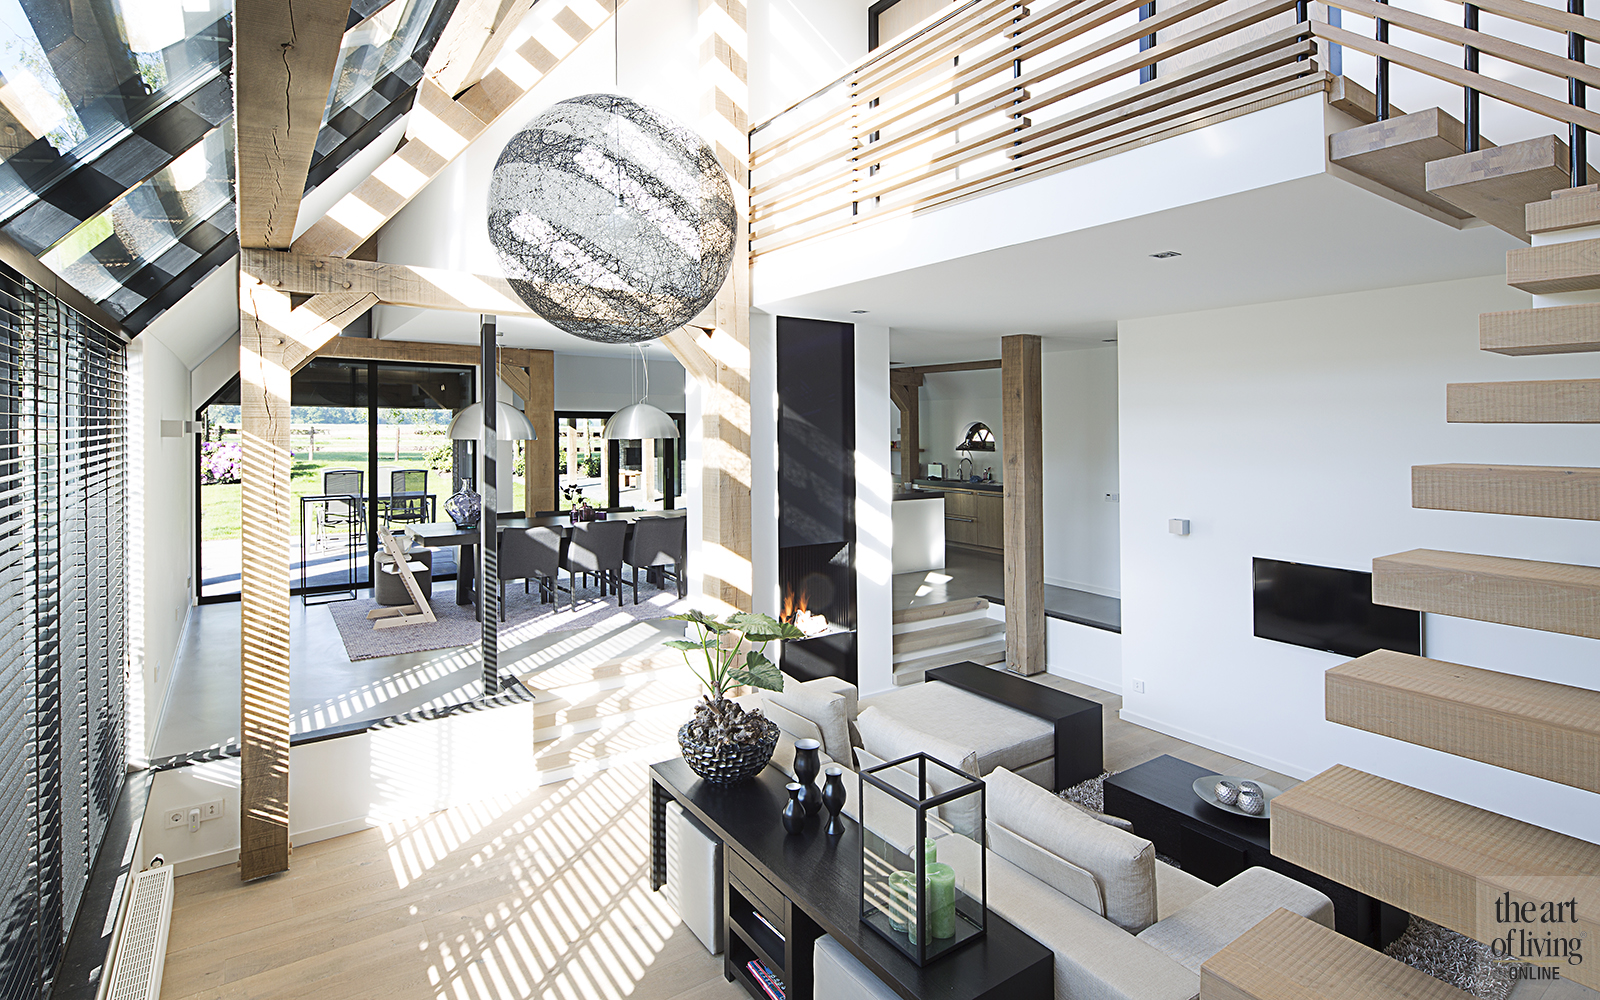 landelijk wonen vermeer architecten landelijk interieur modern interieur betonlook vloer gietvloer